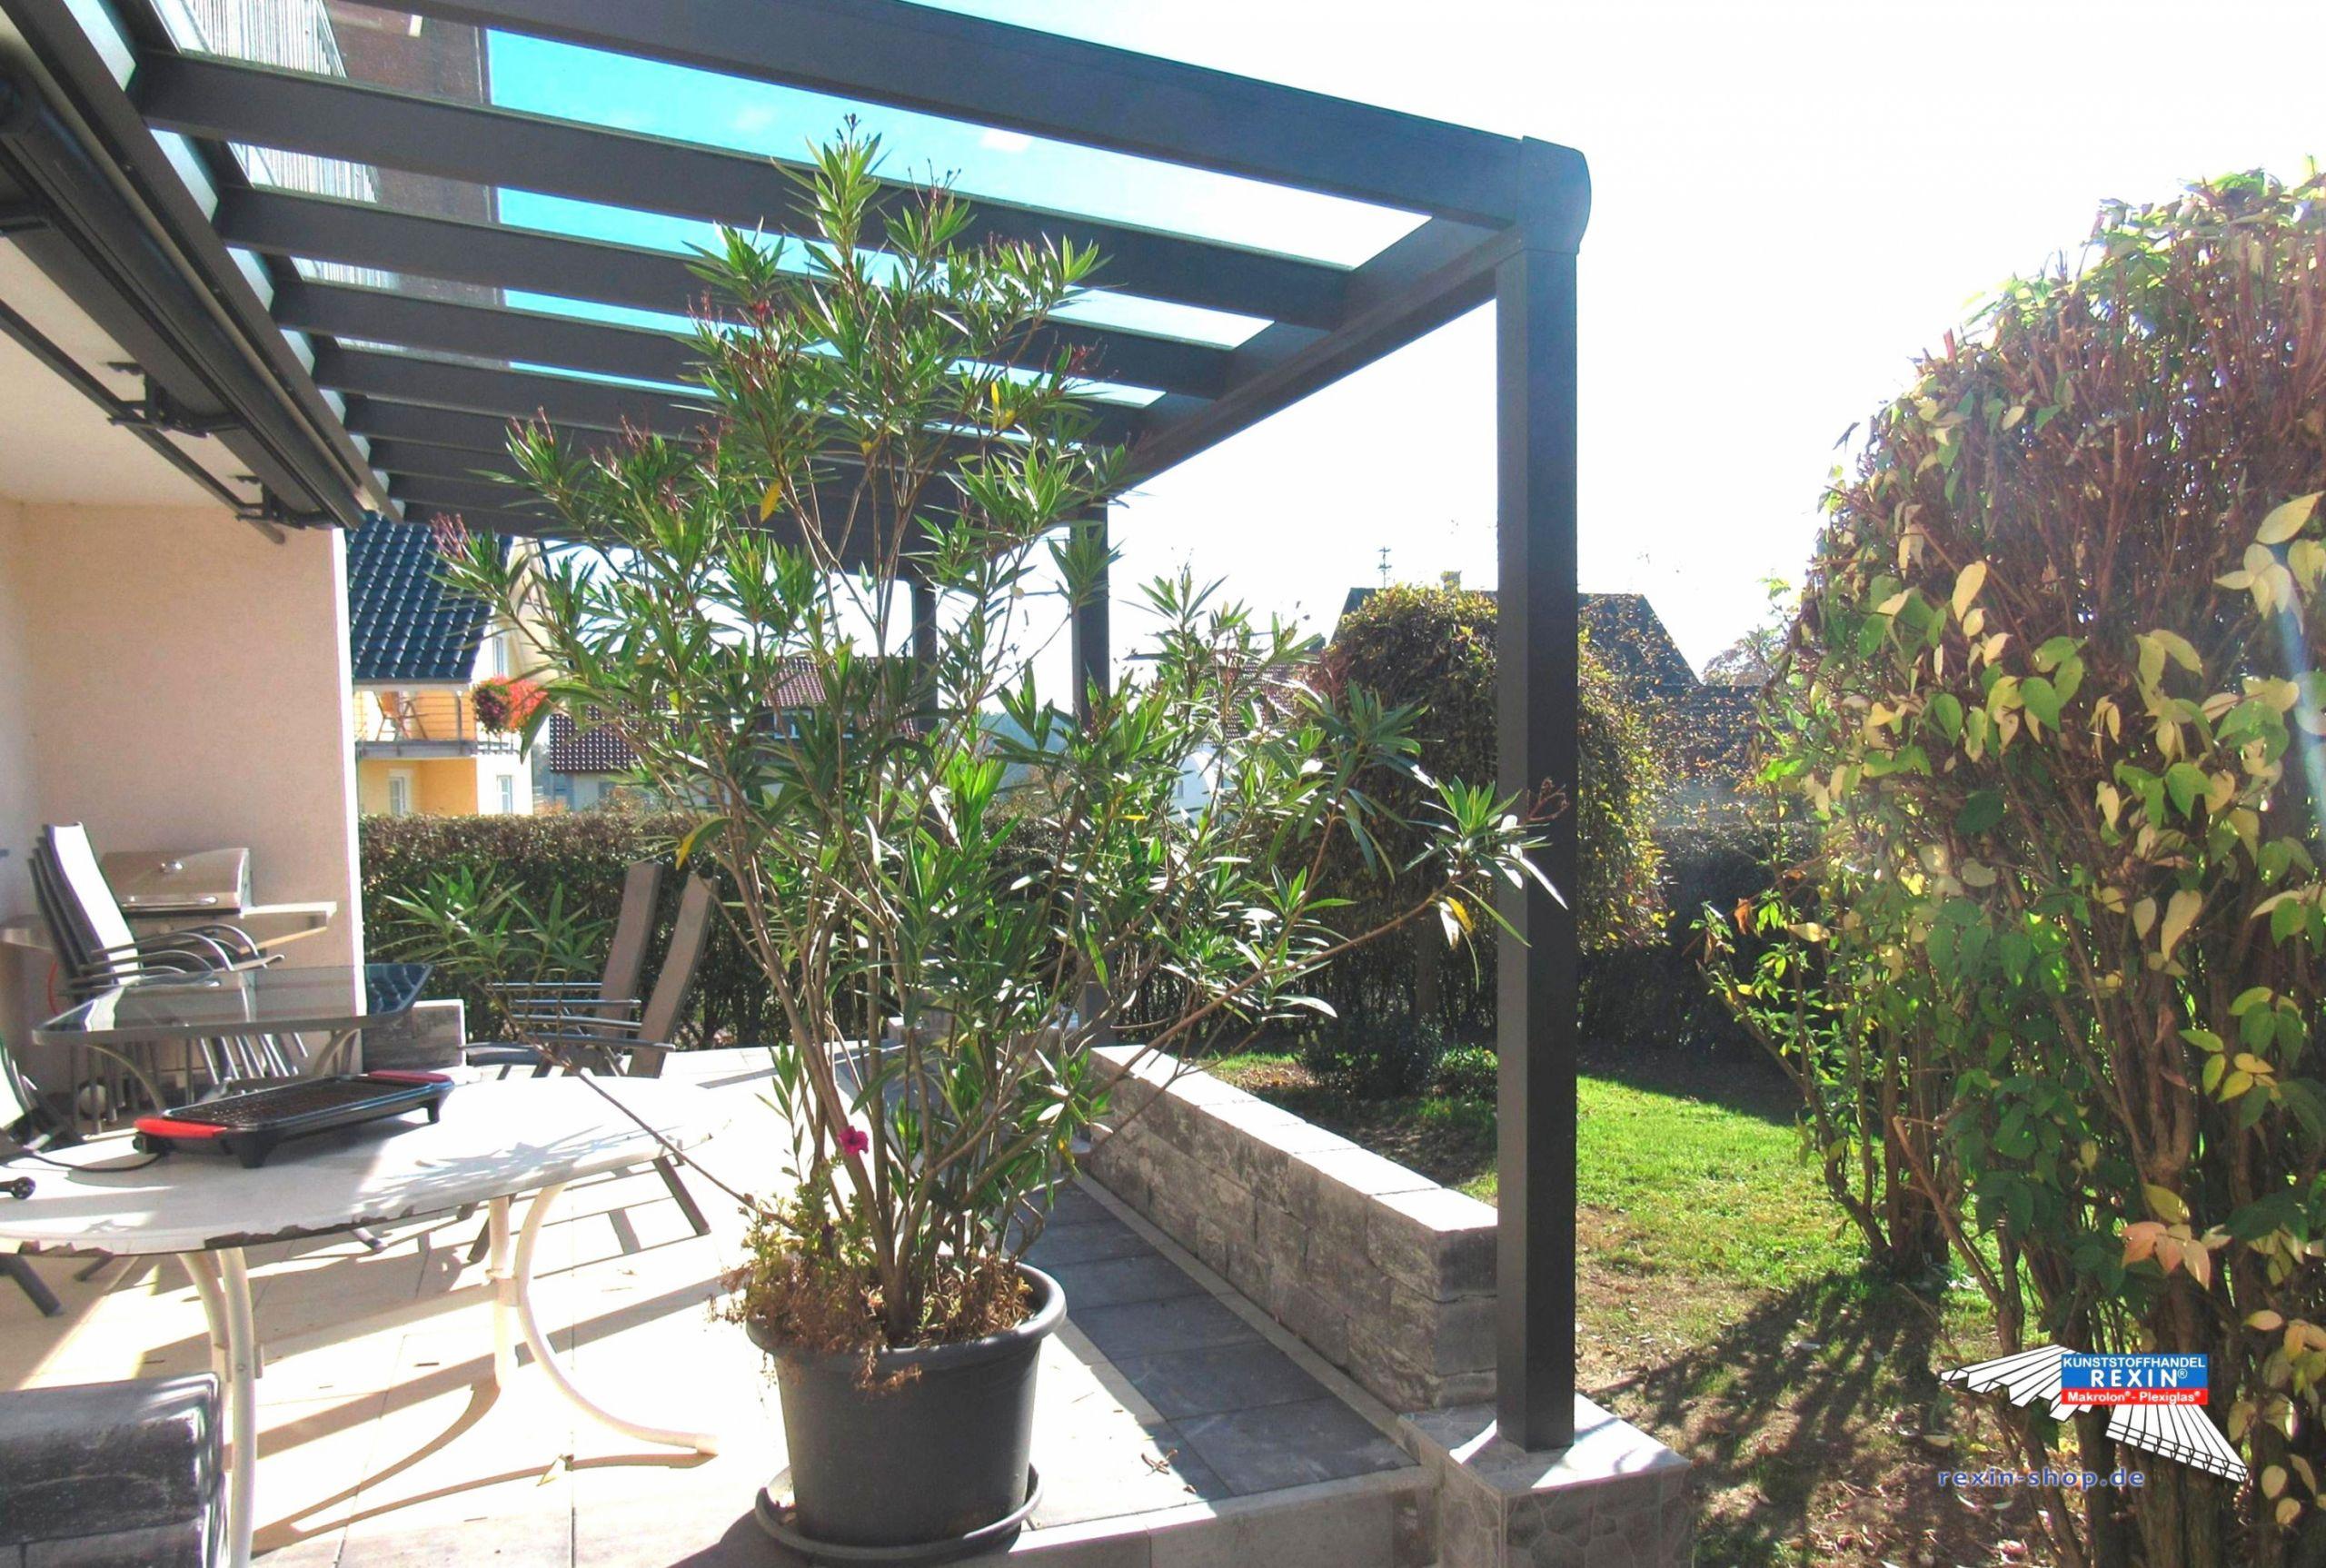 Balkon Gestalten Elegant Langer Schmaler Balkon Gestalten — Temobardz Home Blog